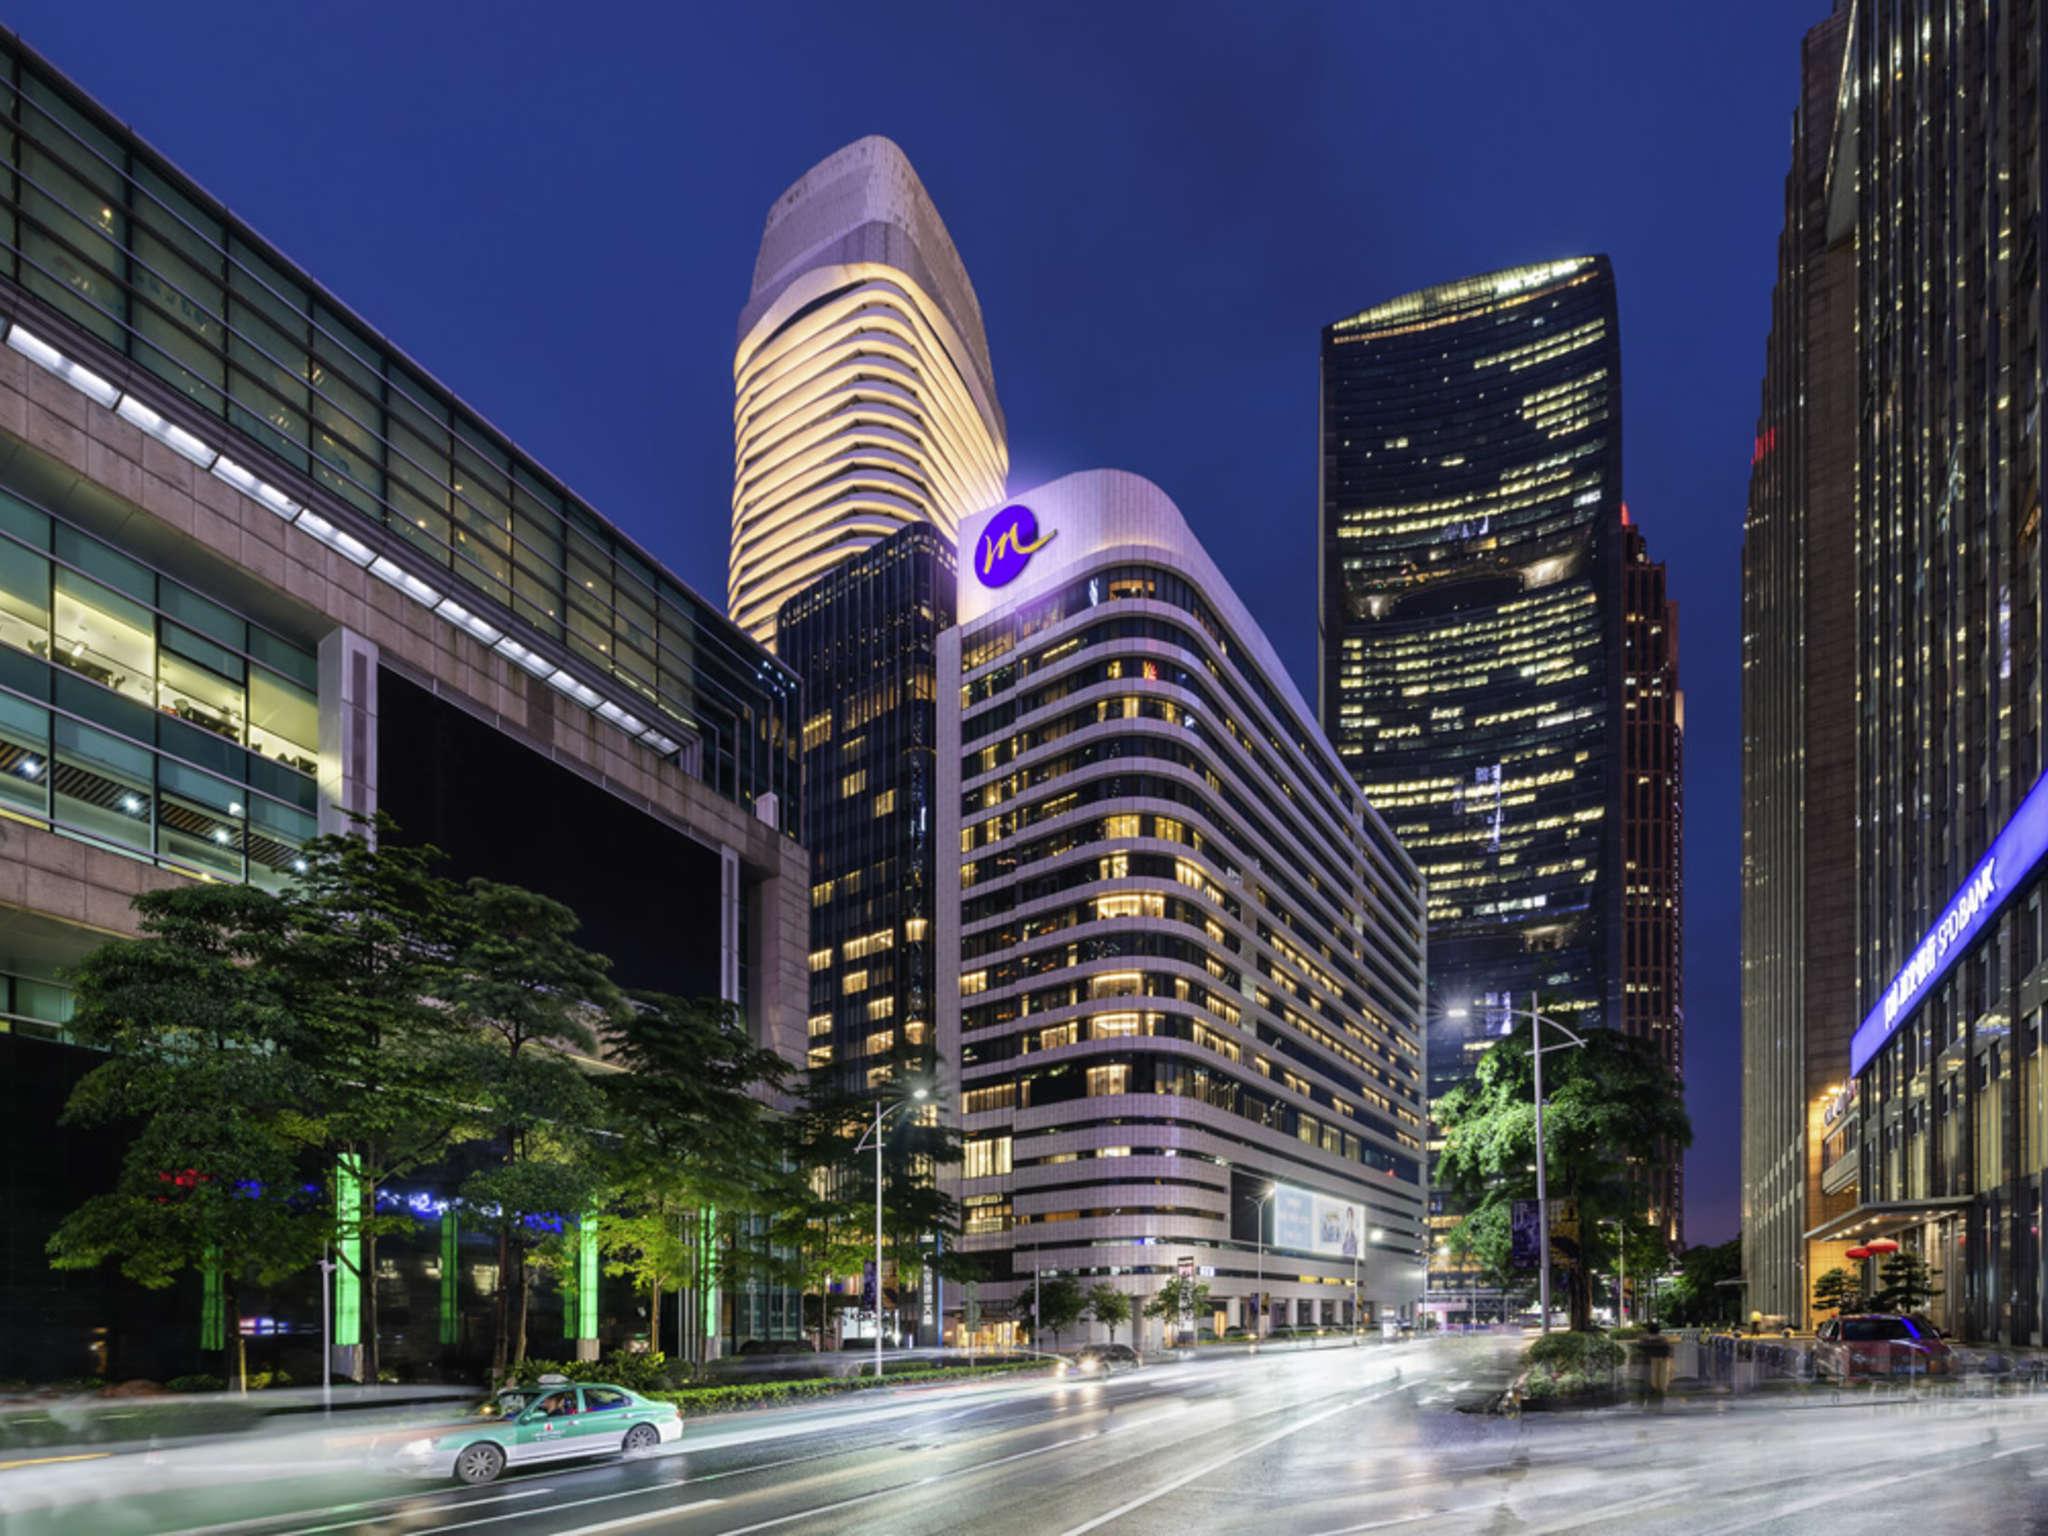 فندق - Grand Mercure Guangzhou Zhujiang (Opening November 2018)